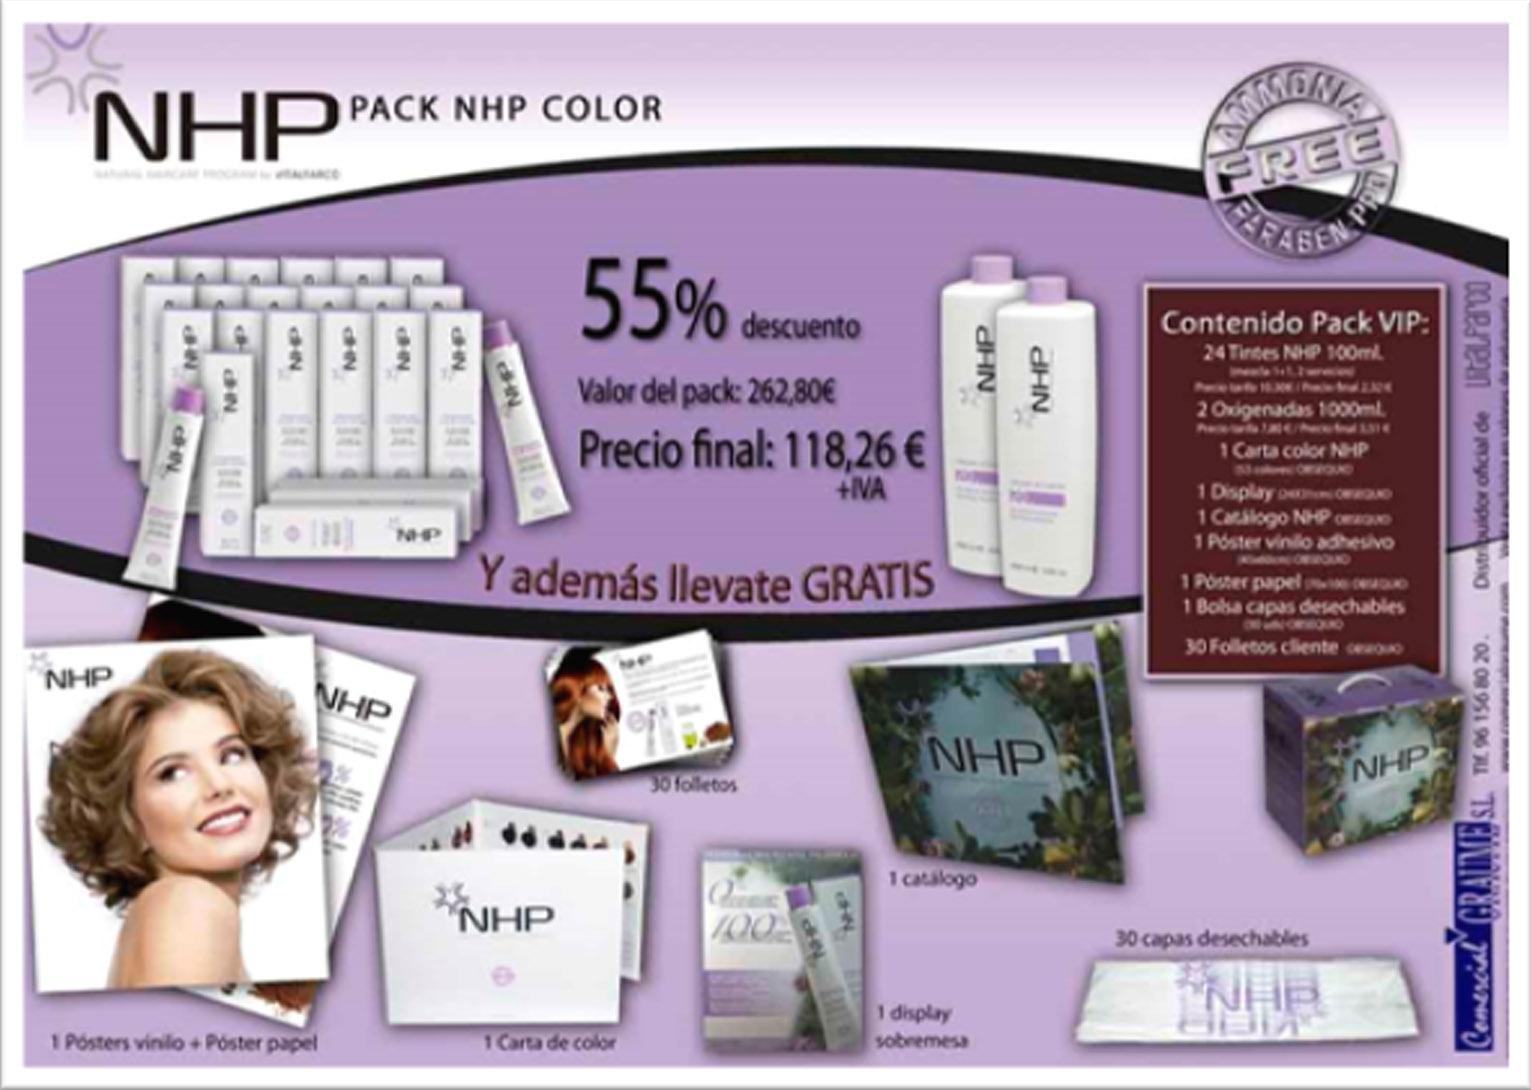 NHP (NATURAL HAIRCARE PROGRAME)